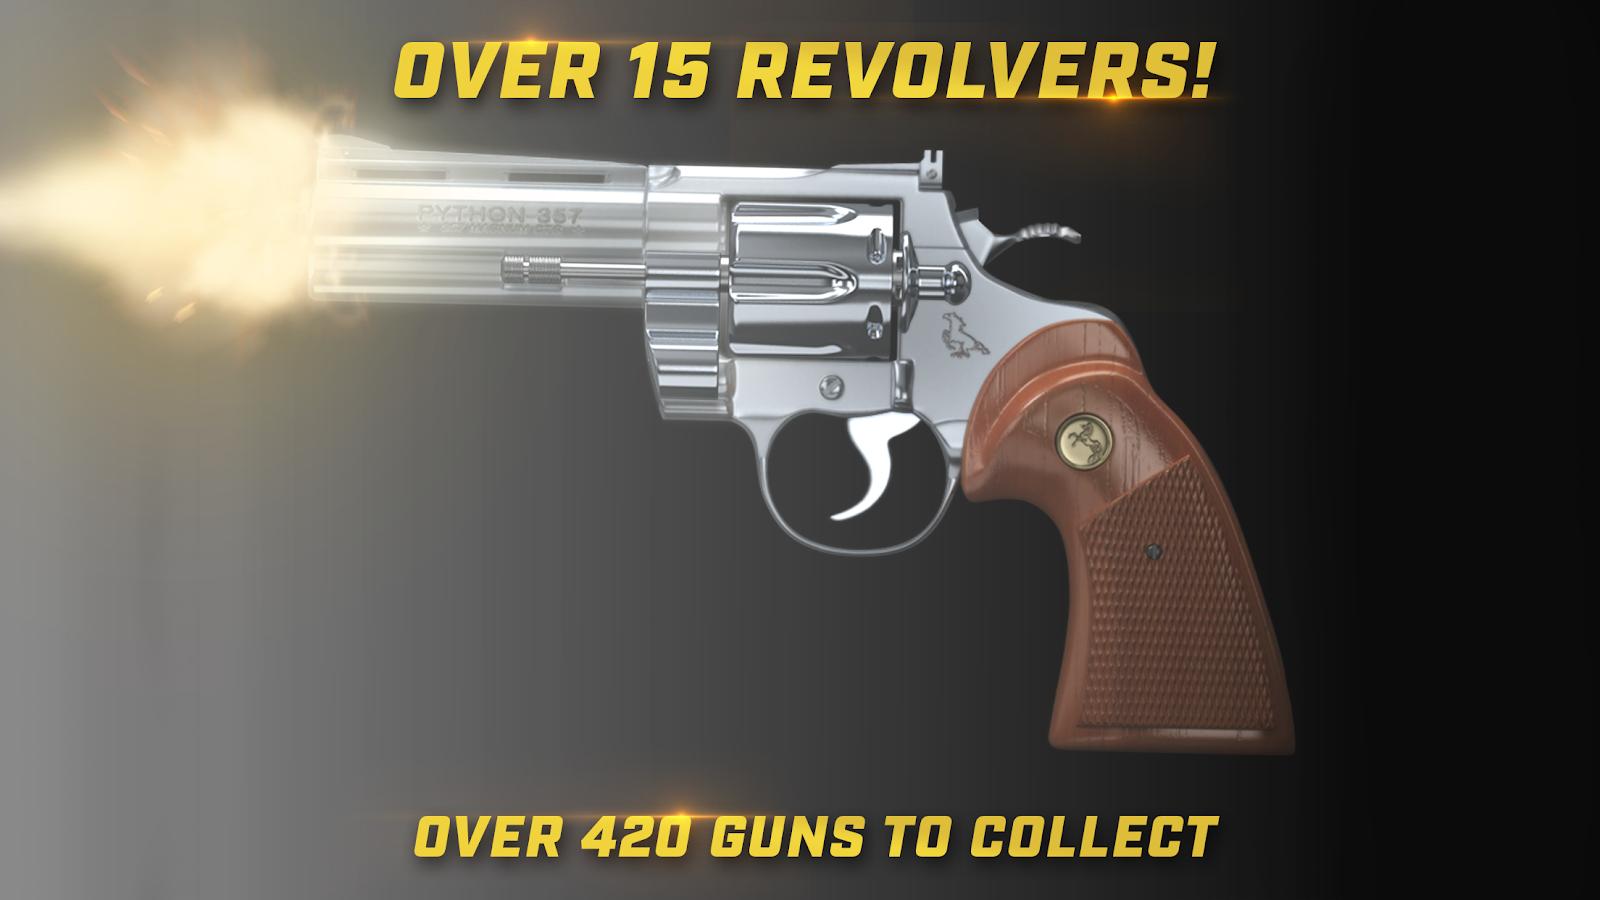 download magnum 3.0 gun custom simulator mod apk